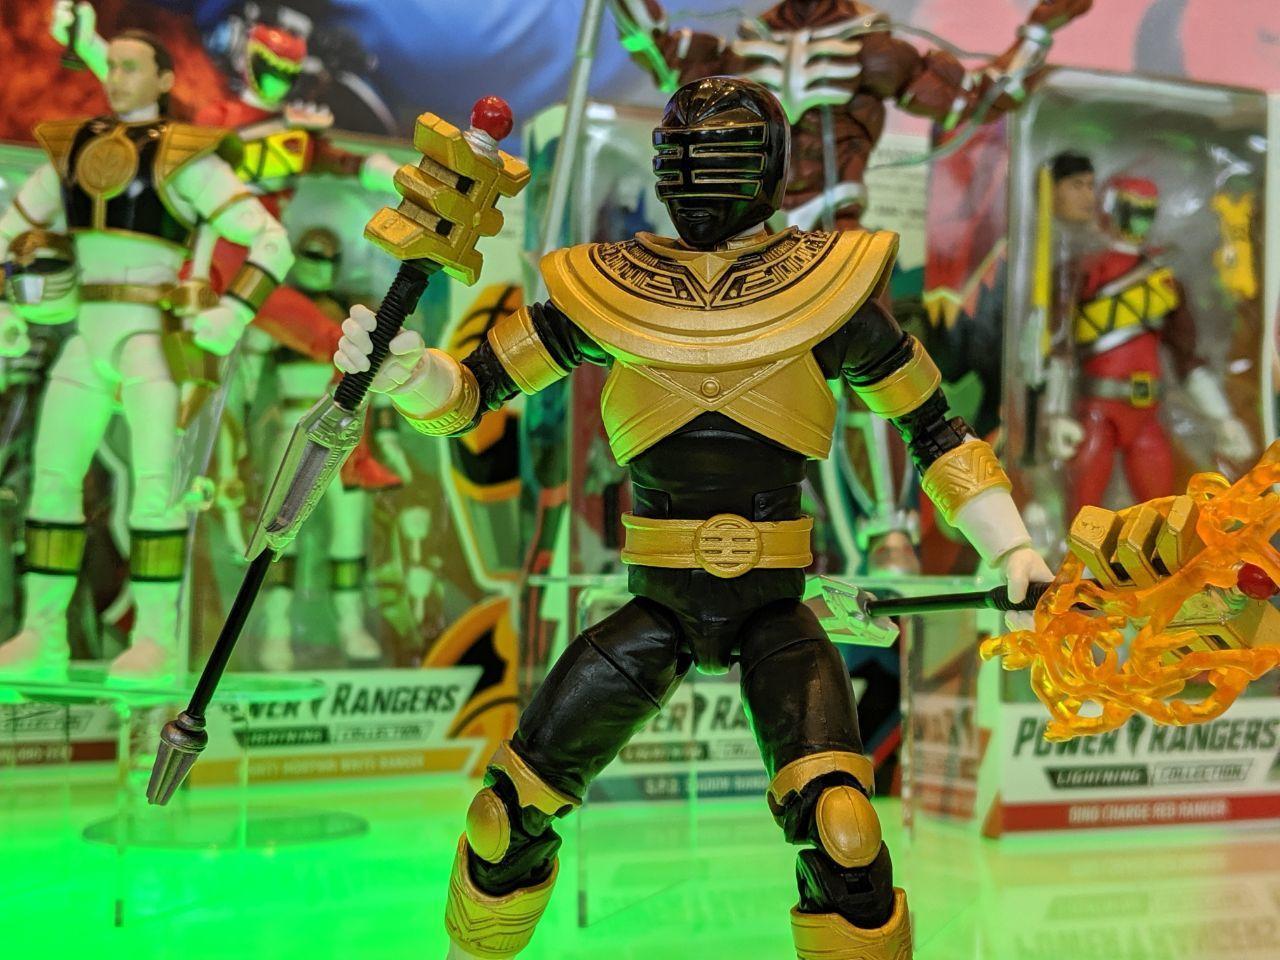 Zeo Gold Ranger